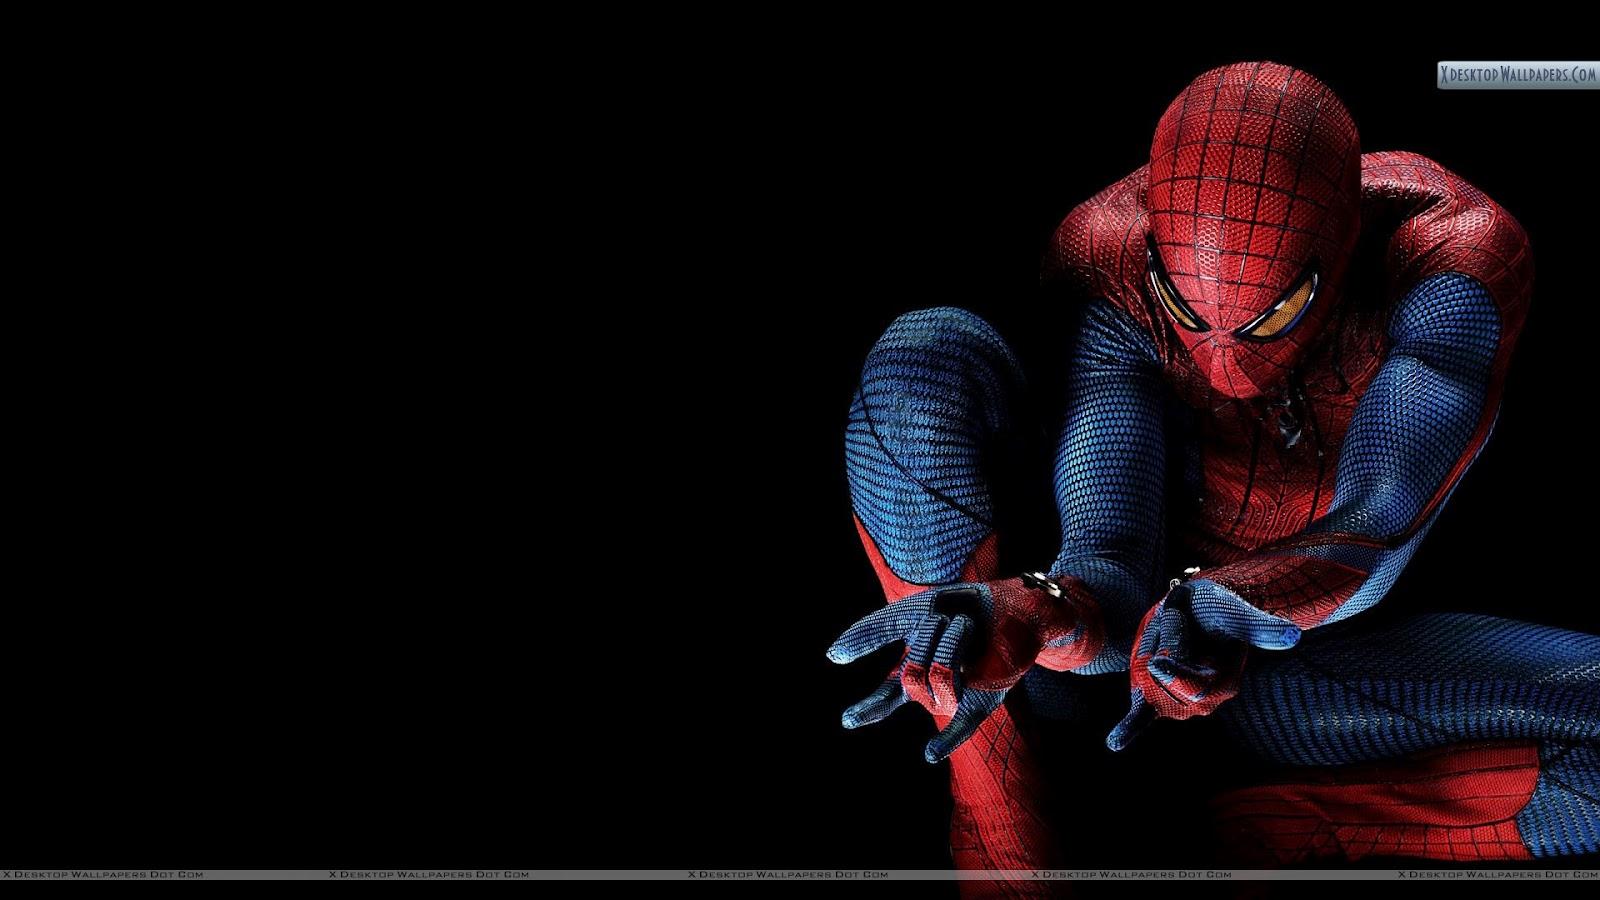 Spider man hd 1920x1080 wallpaper fondo de pantalla for Fondos de spiderman